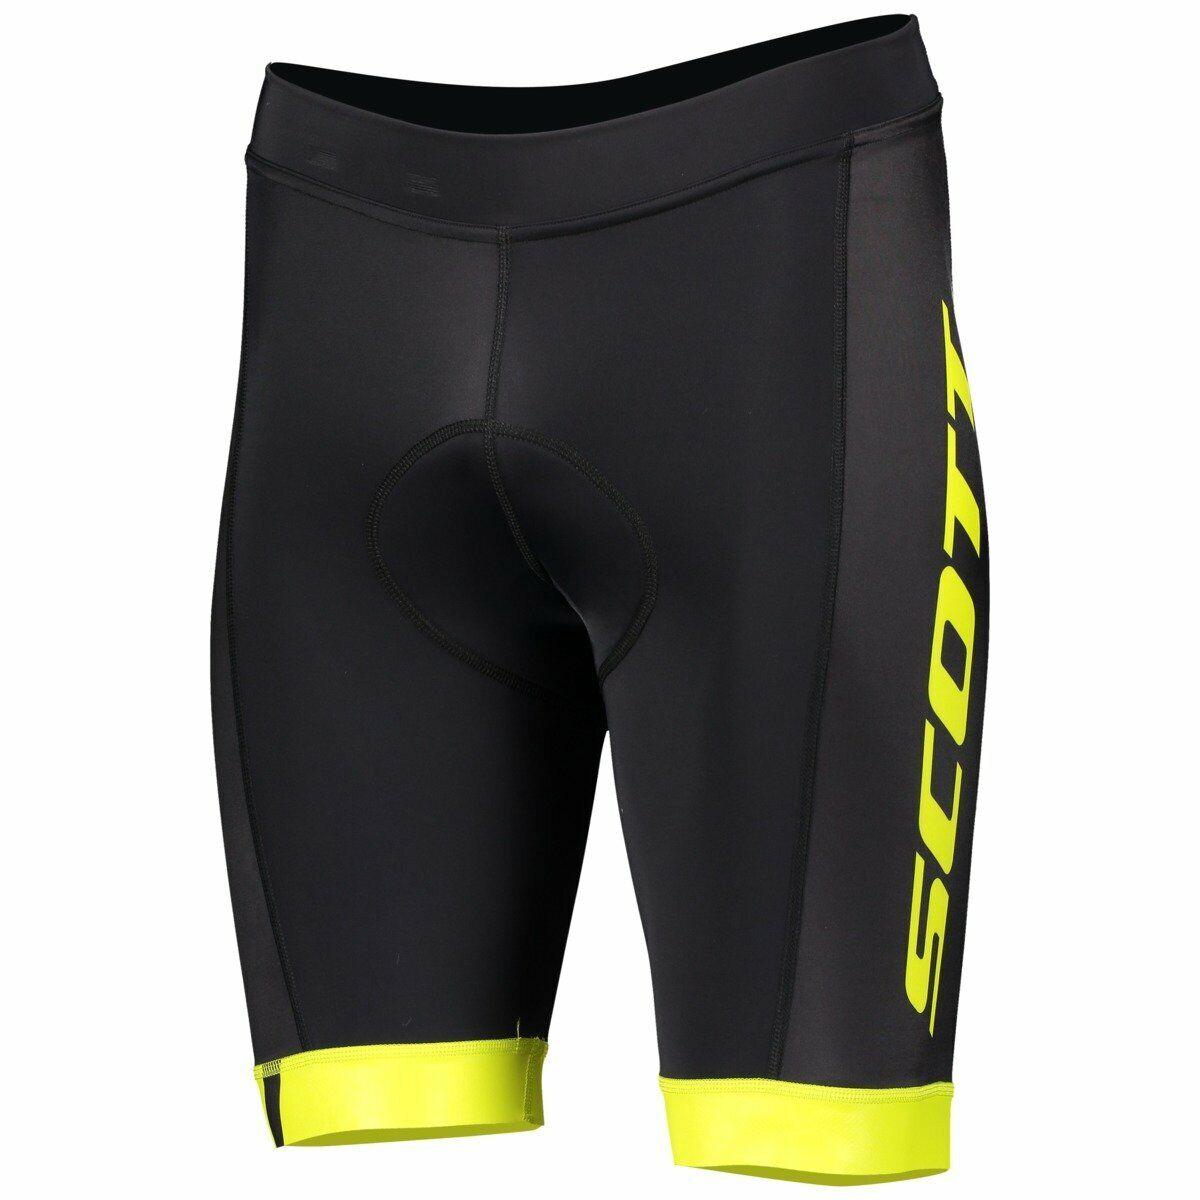 Pantaloncini MTB Scott RC squadra nerigituttii uomo